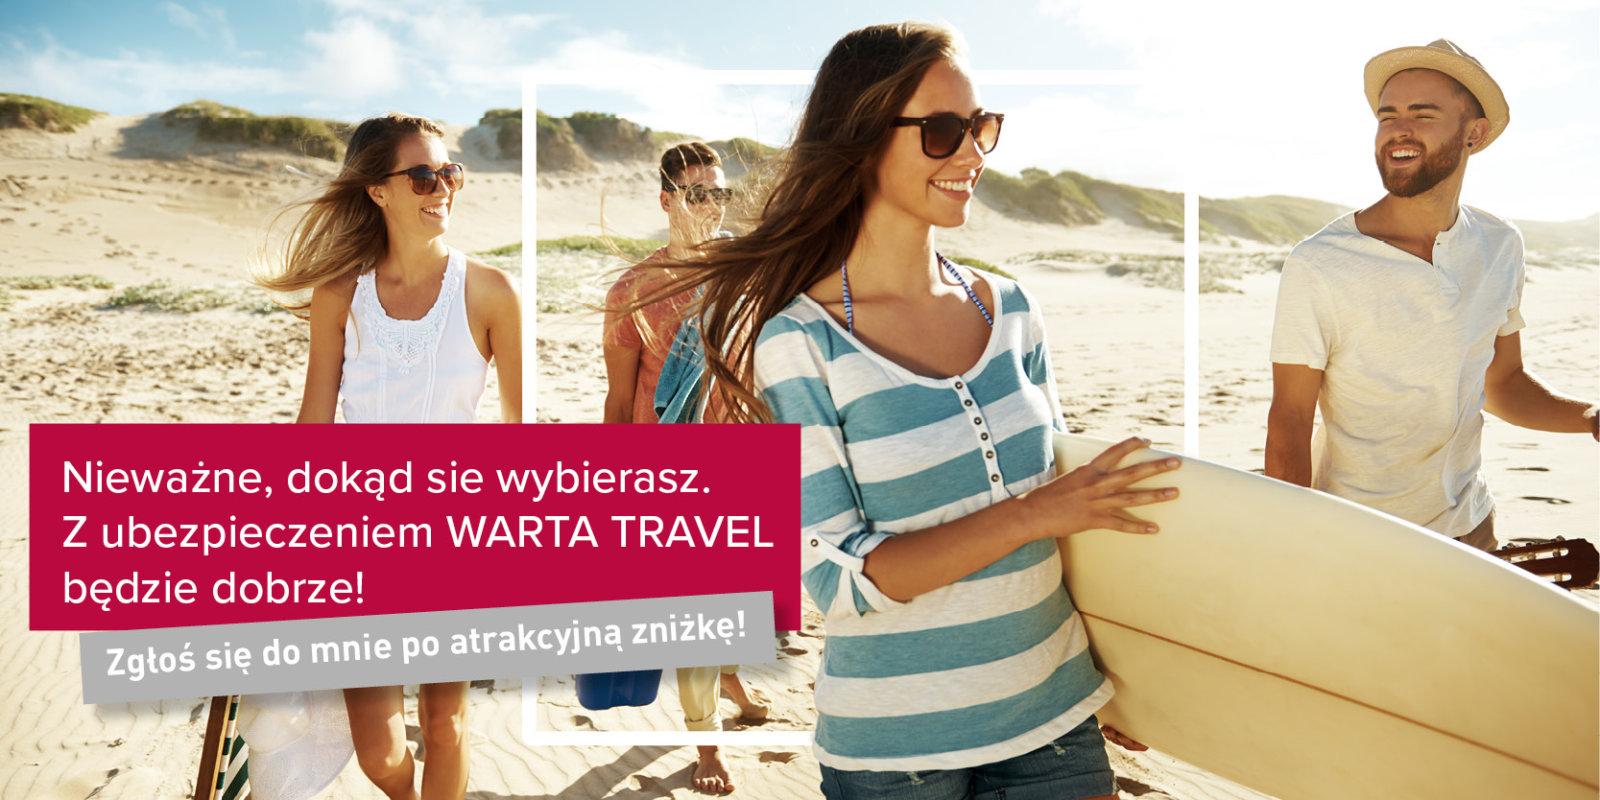 10% zniżki przy zakupie ubezpieczenia Warta Travel